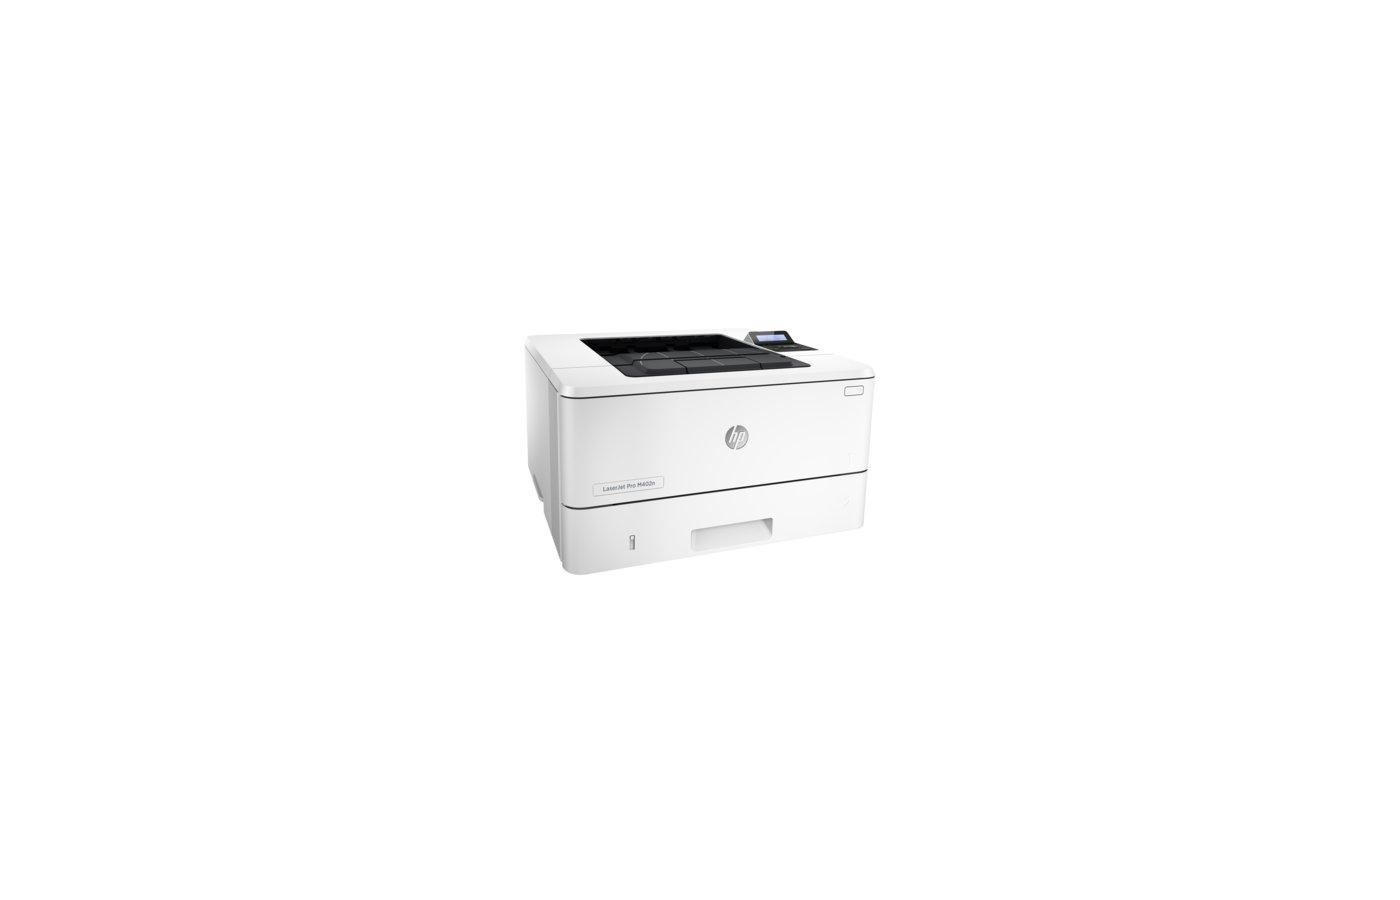 Принтер HP LaserJet Pro M402n /C5F93A/